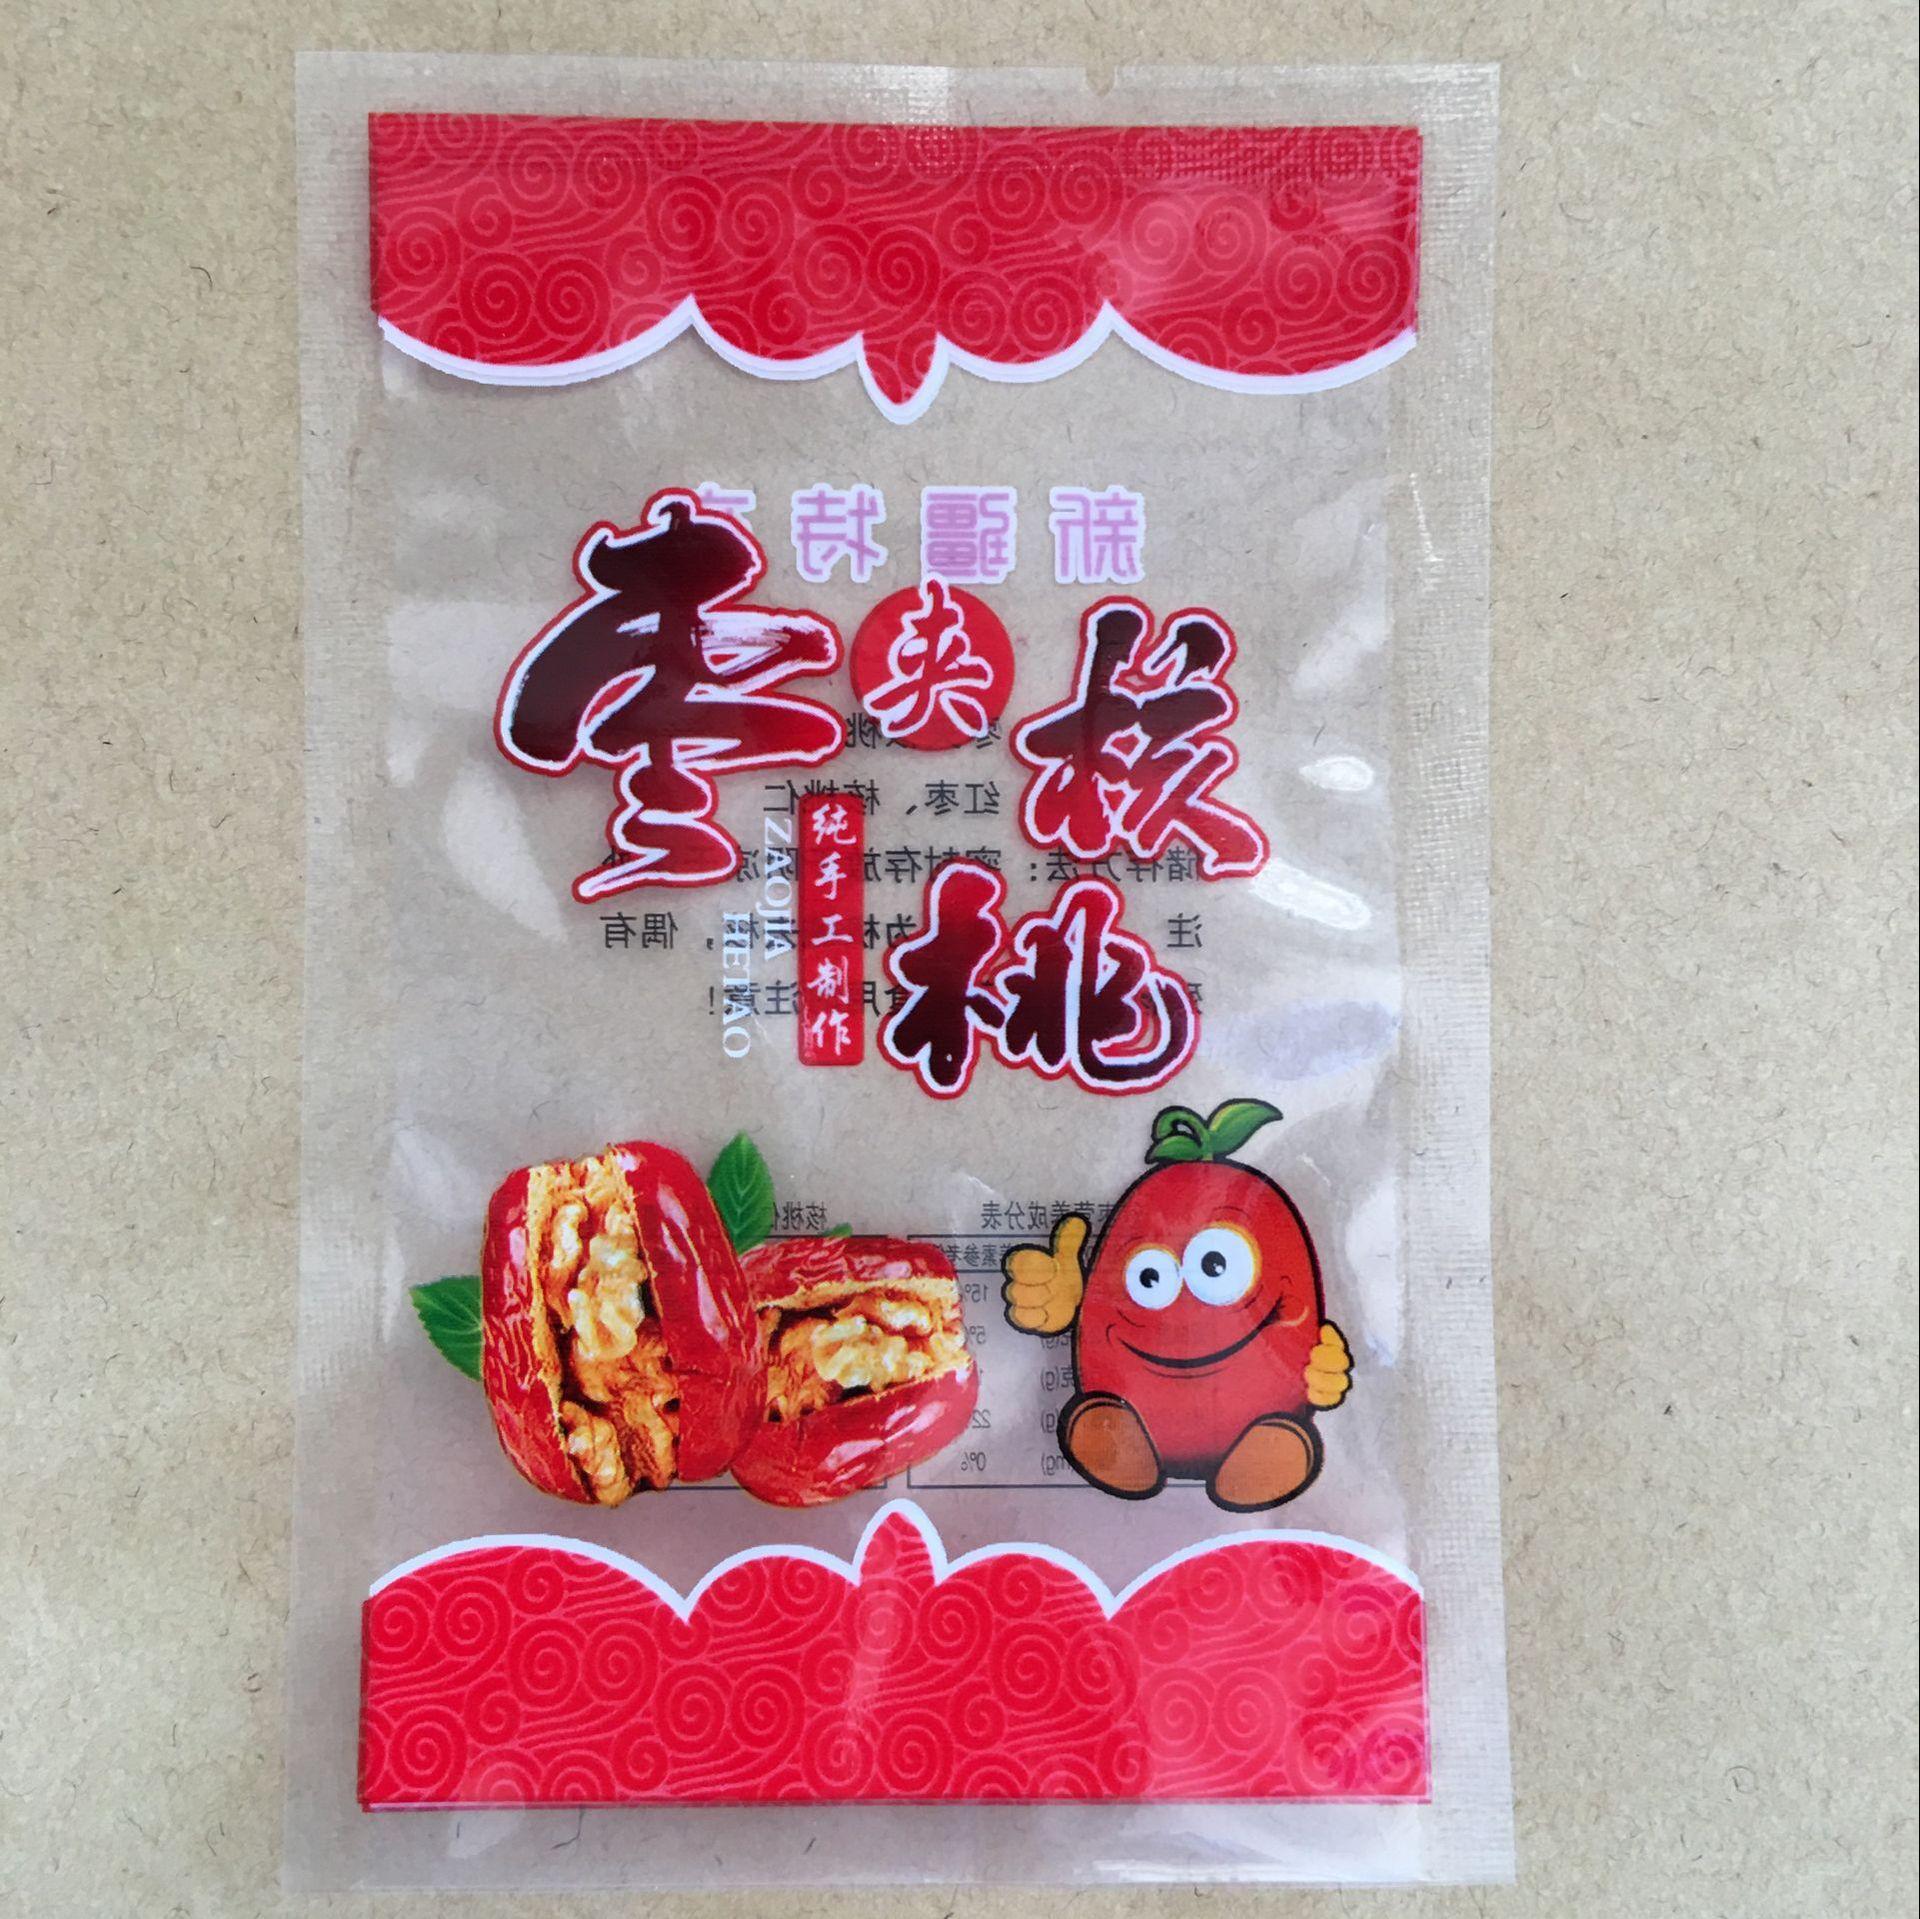 食品包装>东莞真空袋产品报价产品:西安最小起订量:1个产地干妈用老牛肉自制价格酱图片